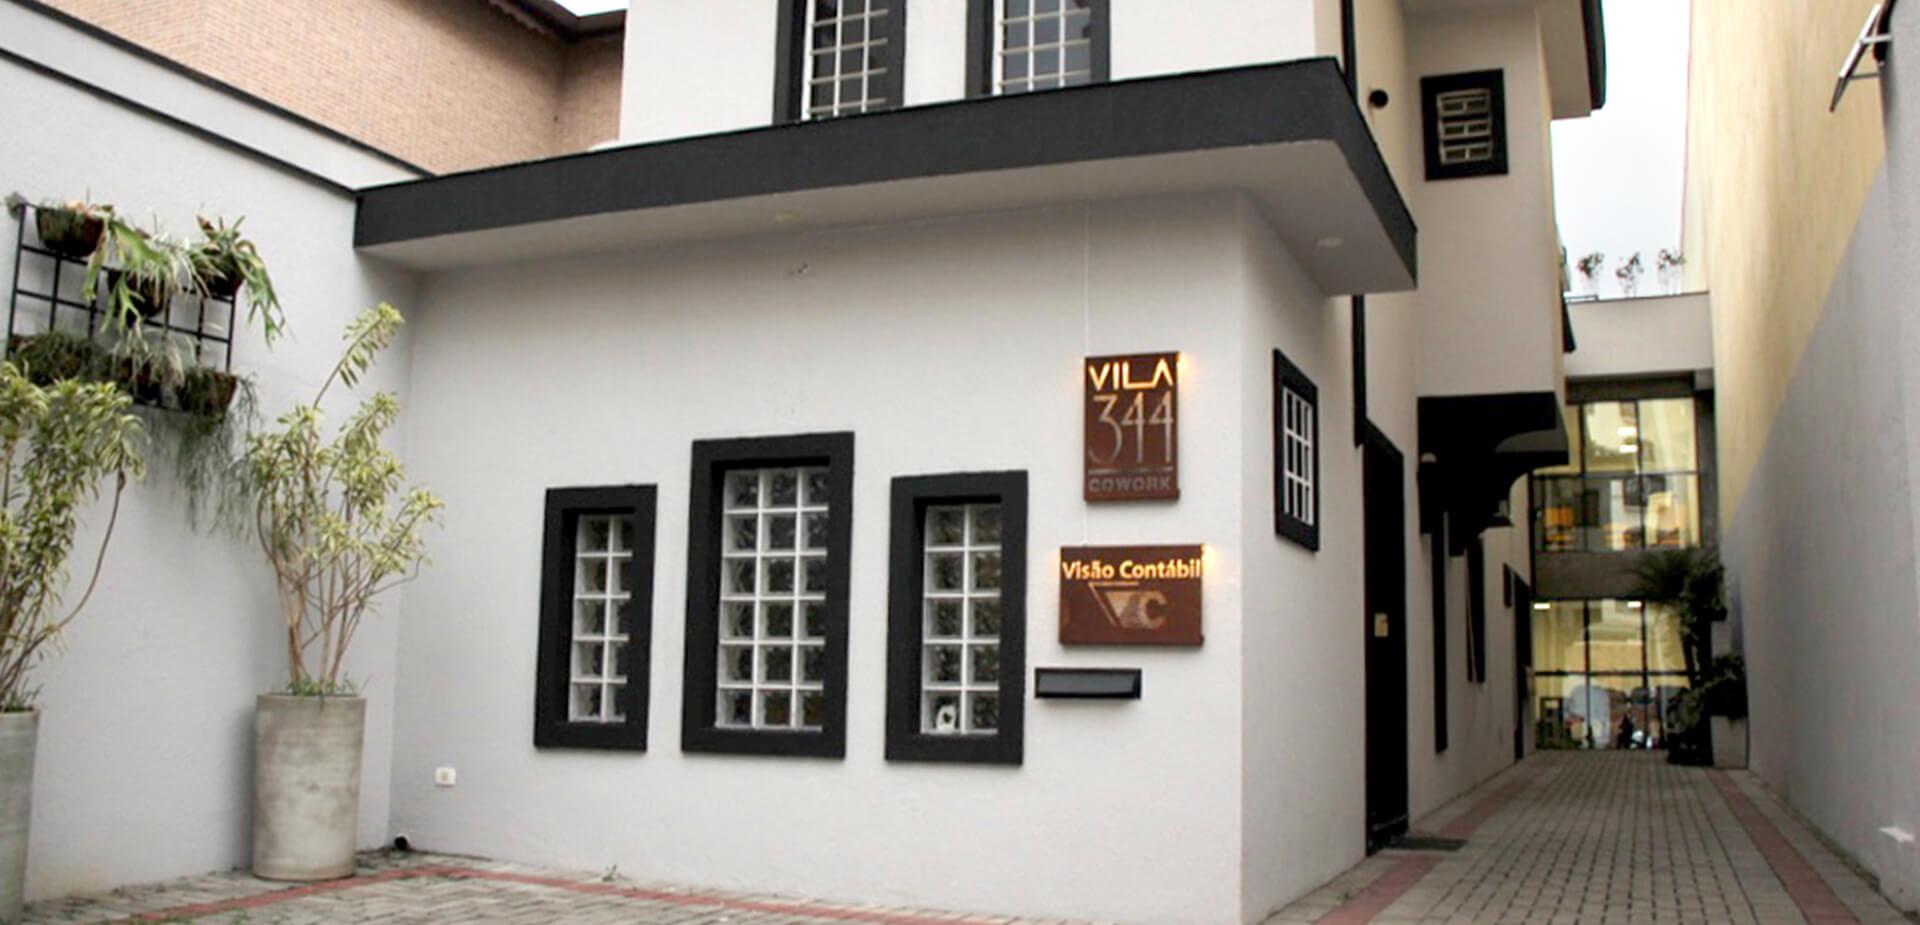 Vila 344